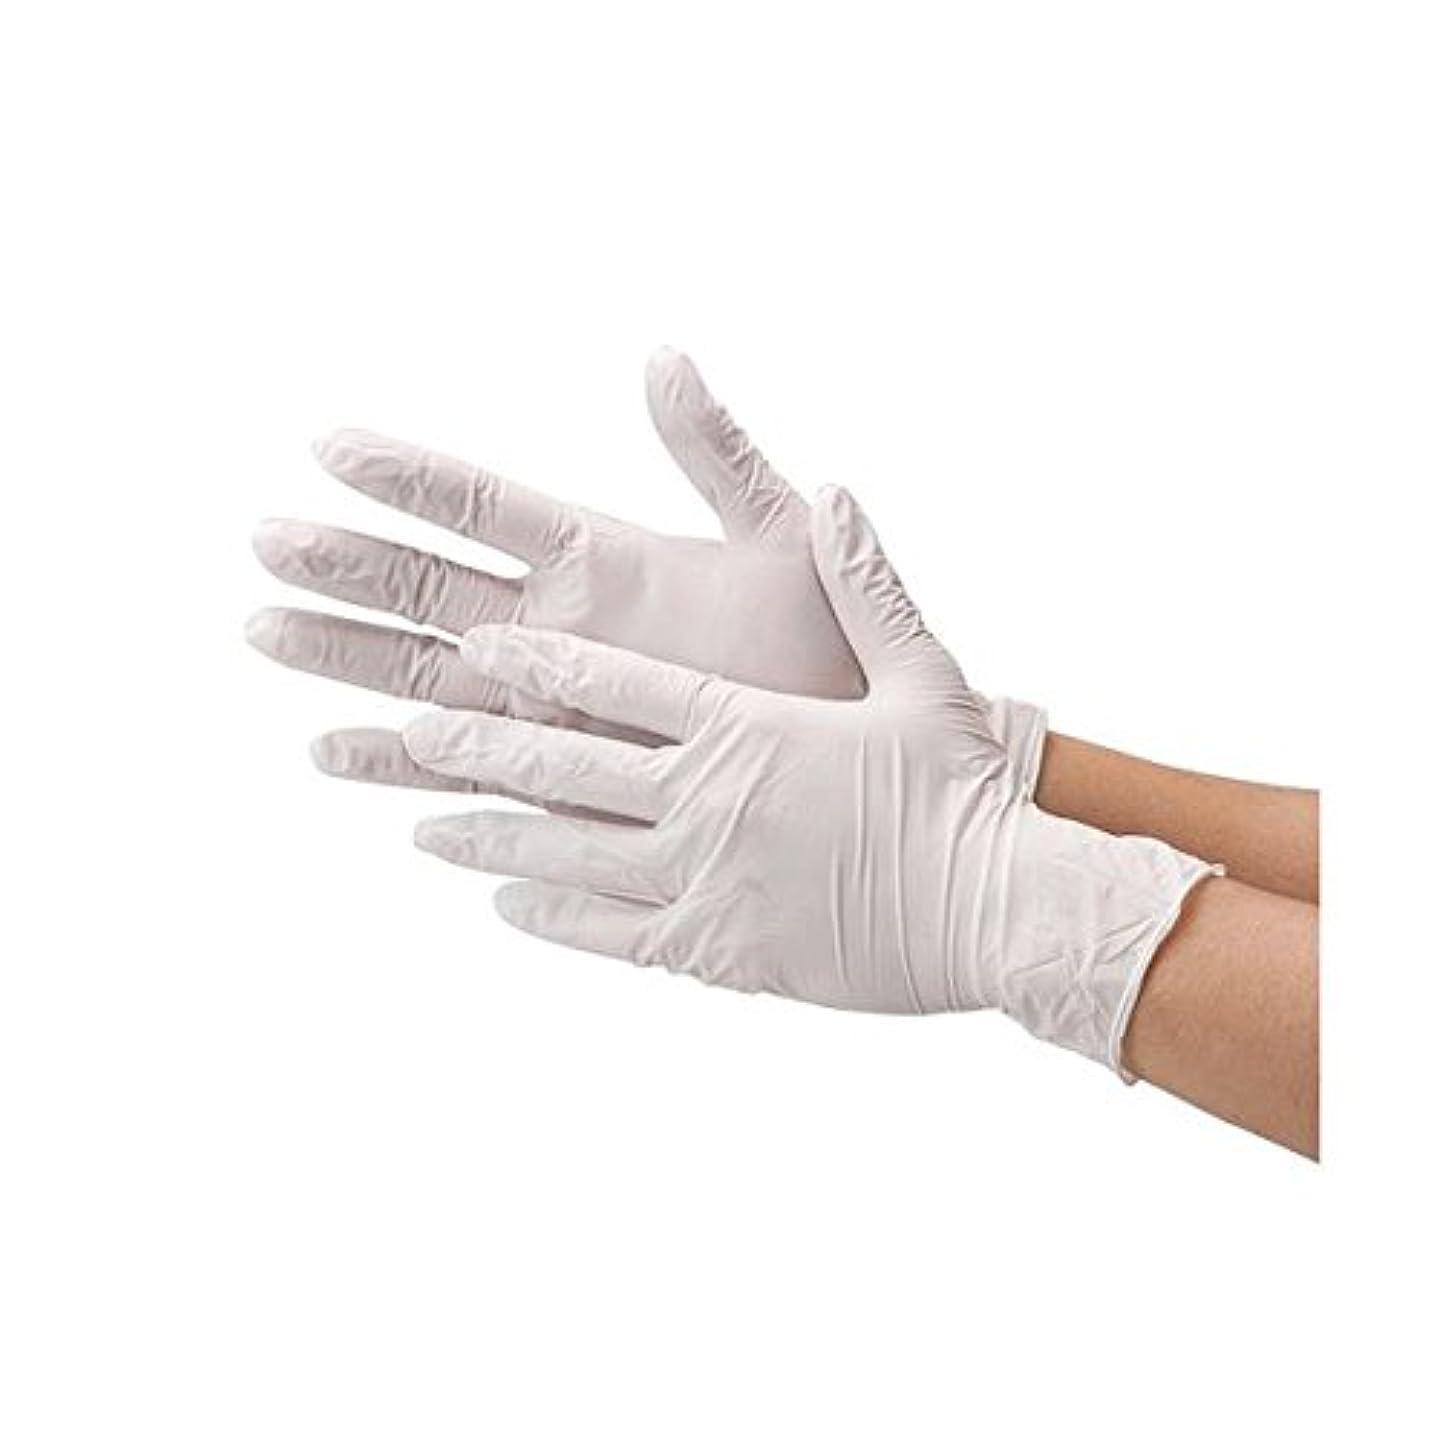 毎年良い月曜川西工業 ニトリル極薄手袋 粉なしホワイトM ダイエット 健康 衛生用品 その他の衛生用品 14067381 [並行輸入品]